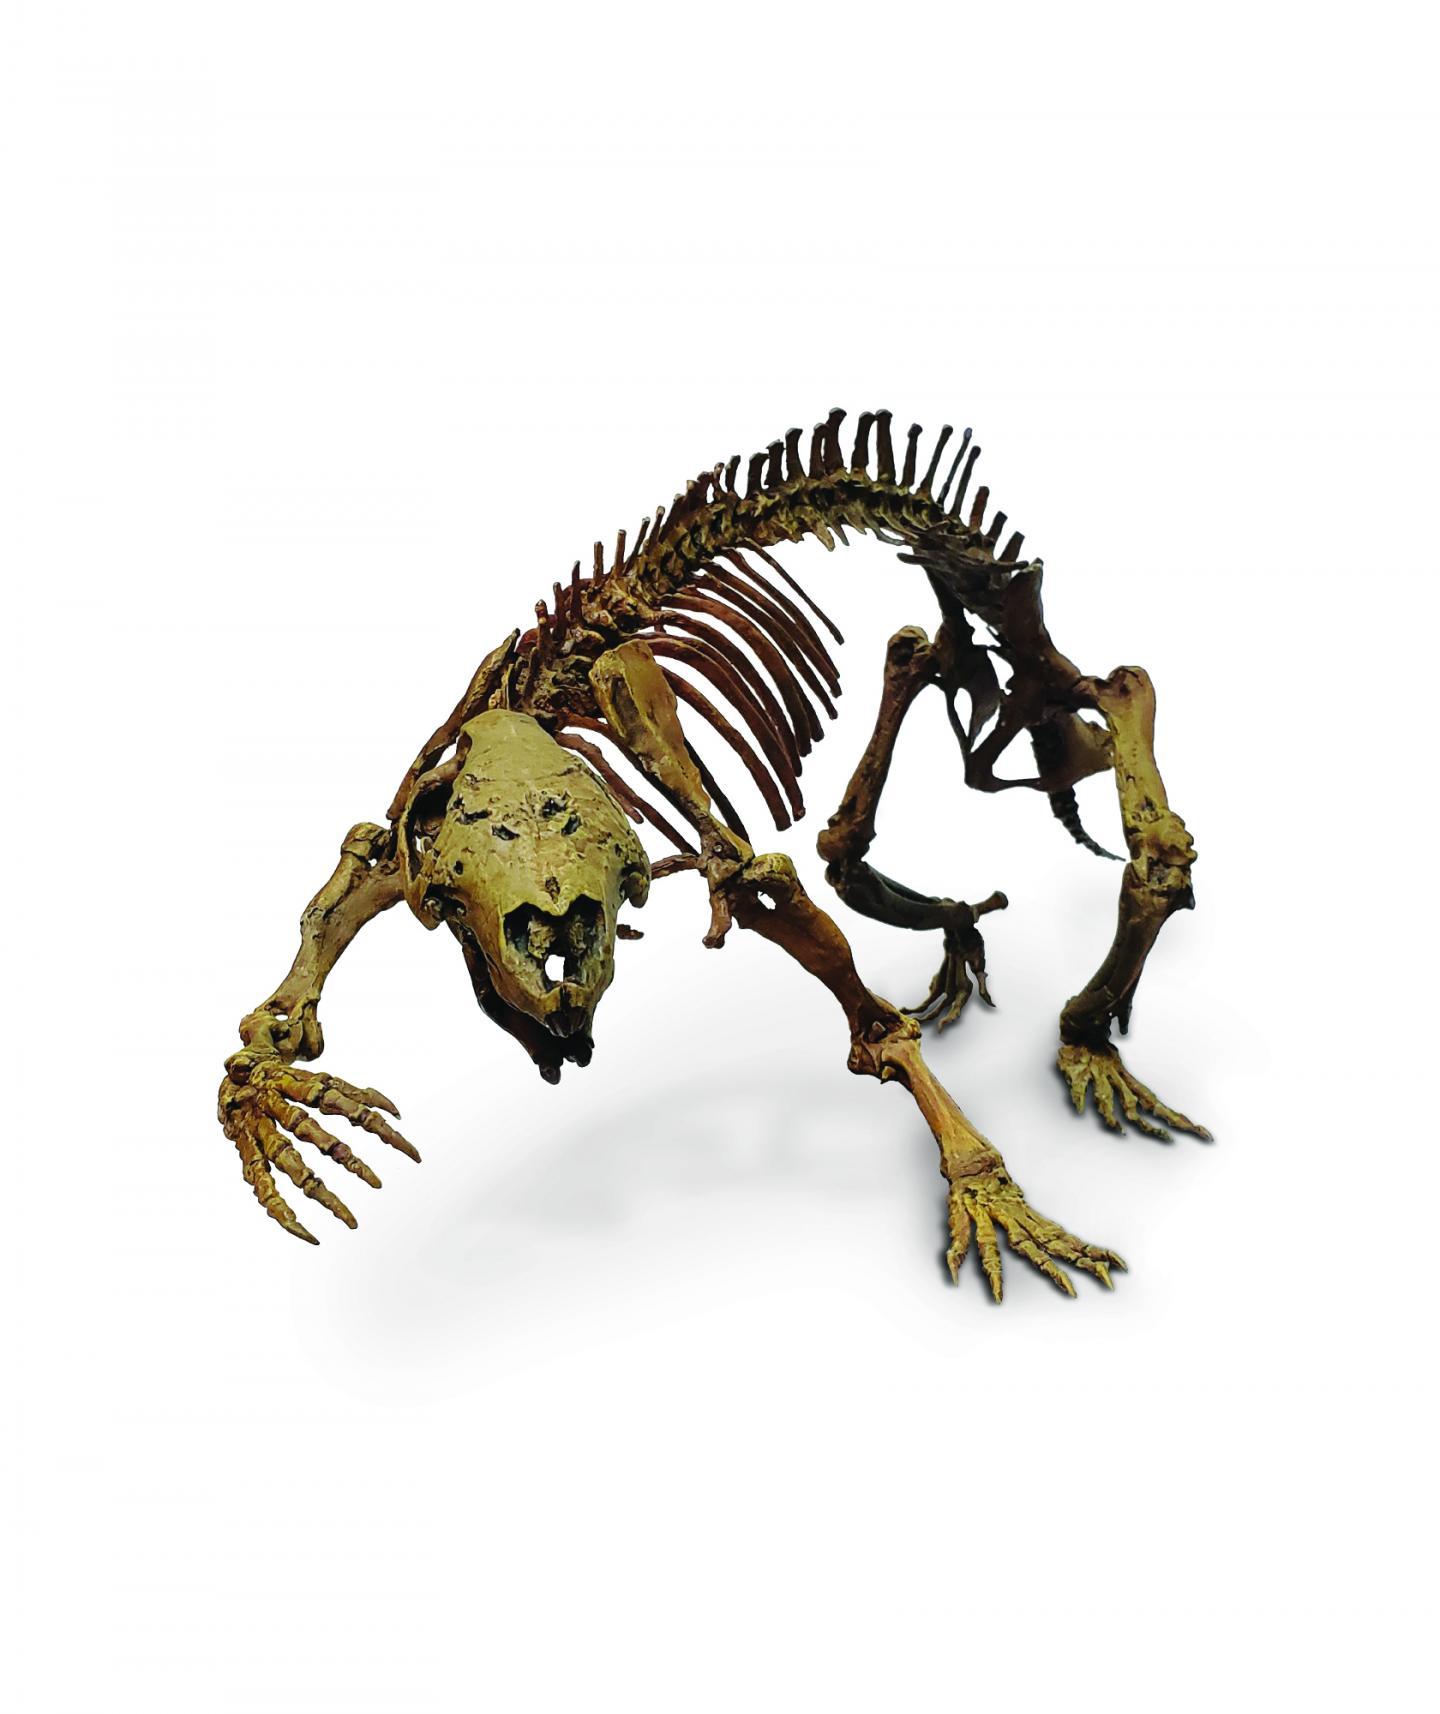 Adalatherium fossils